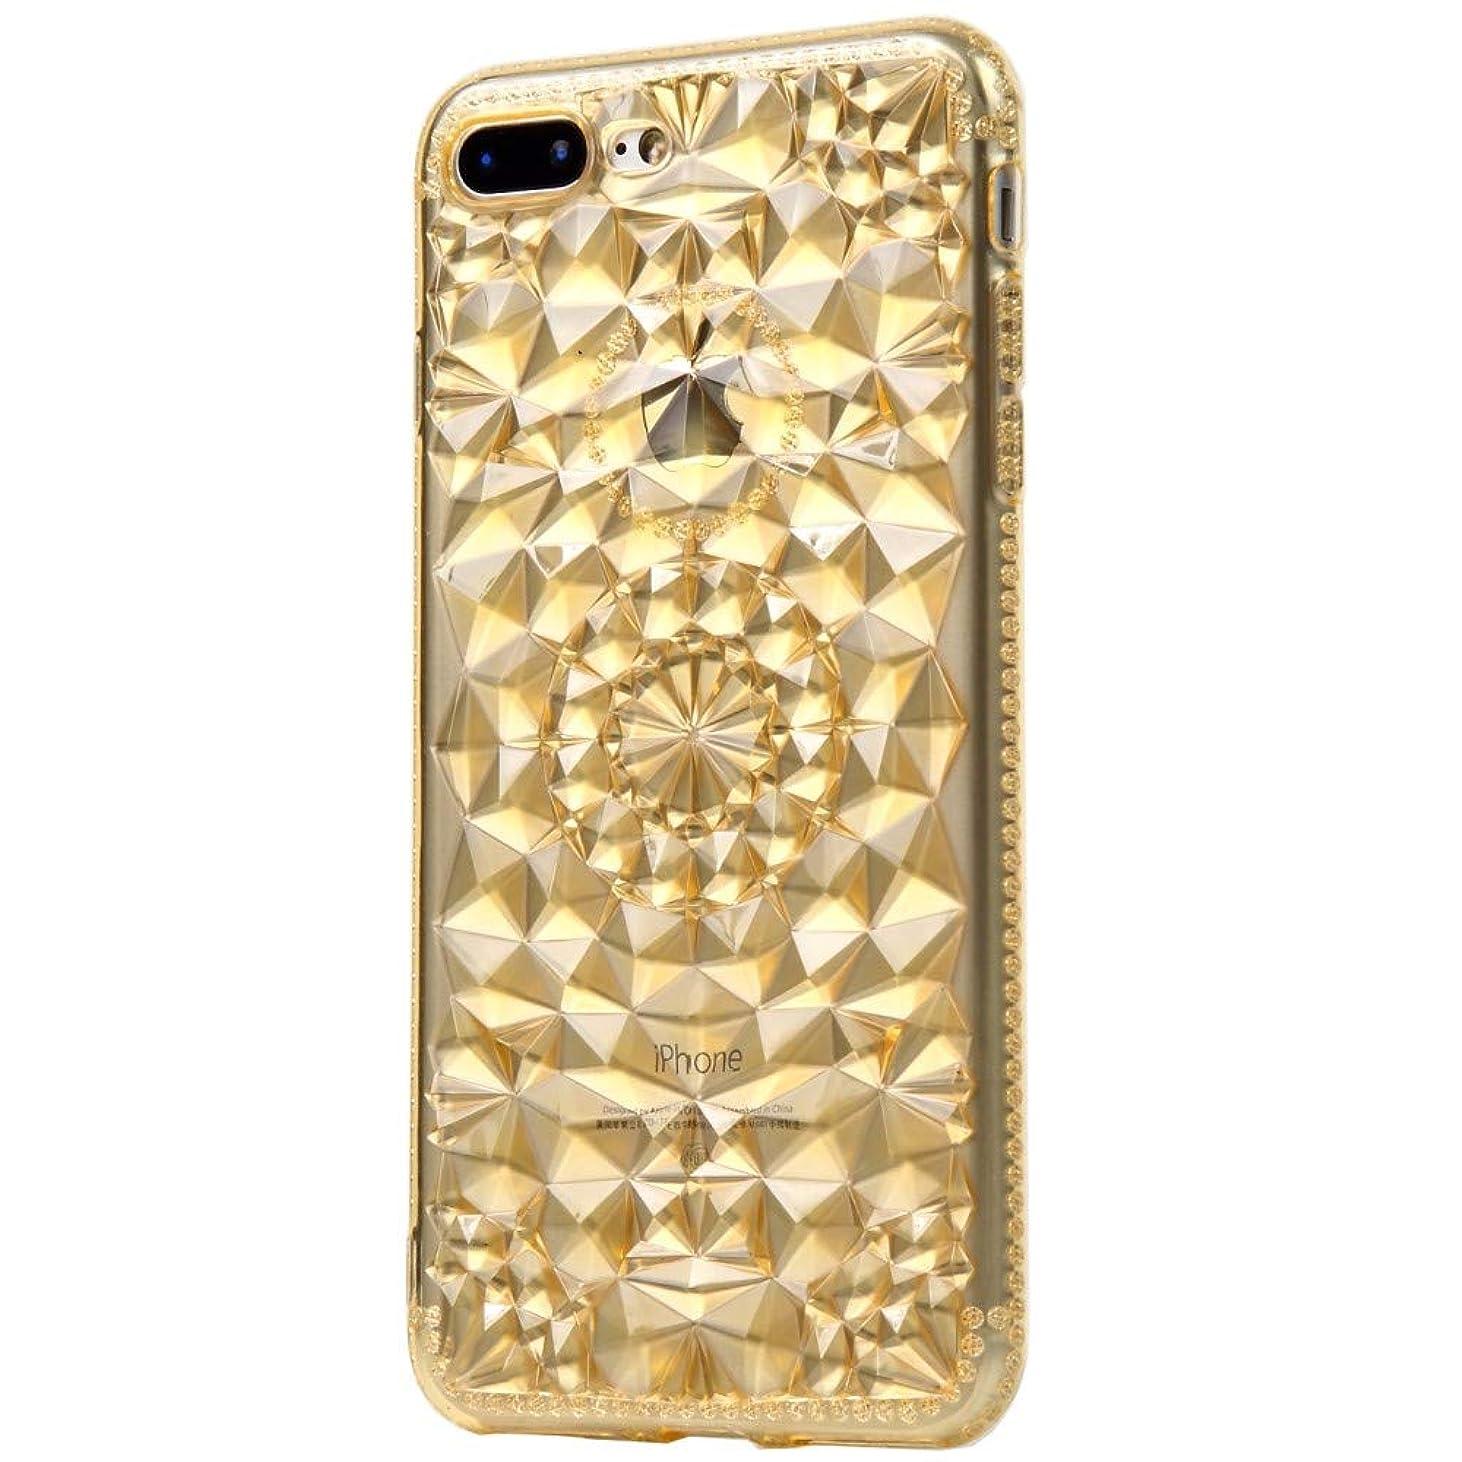 流すのれん囲いiphone7 plus iphone8plus ケース おしゃれ クリア キラキラ シースルー あいふぉん7 カバー あいふぉん8 シリコン TPU プラス かわいい 金 ゴールド amo3013